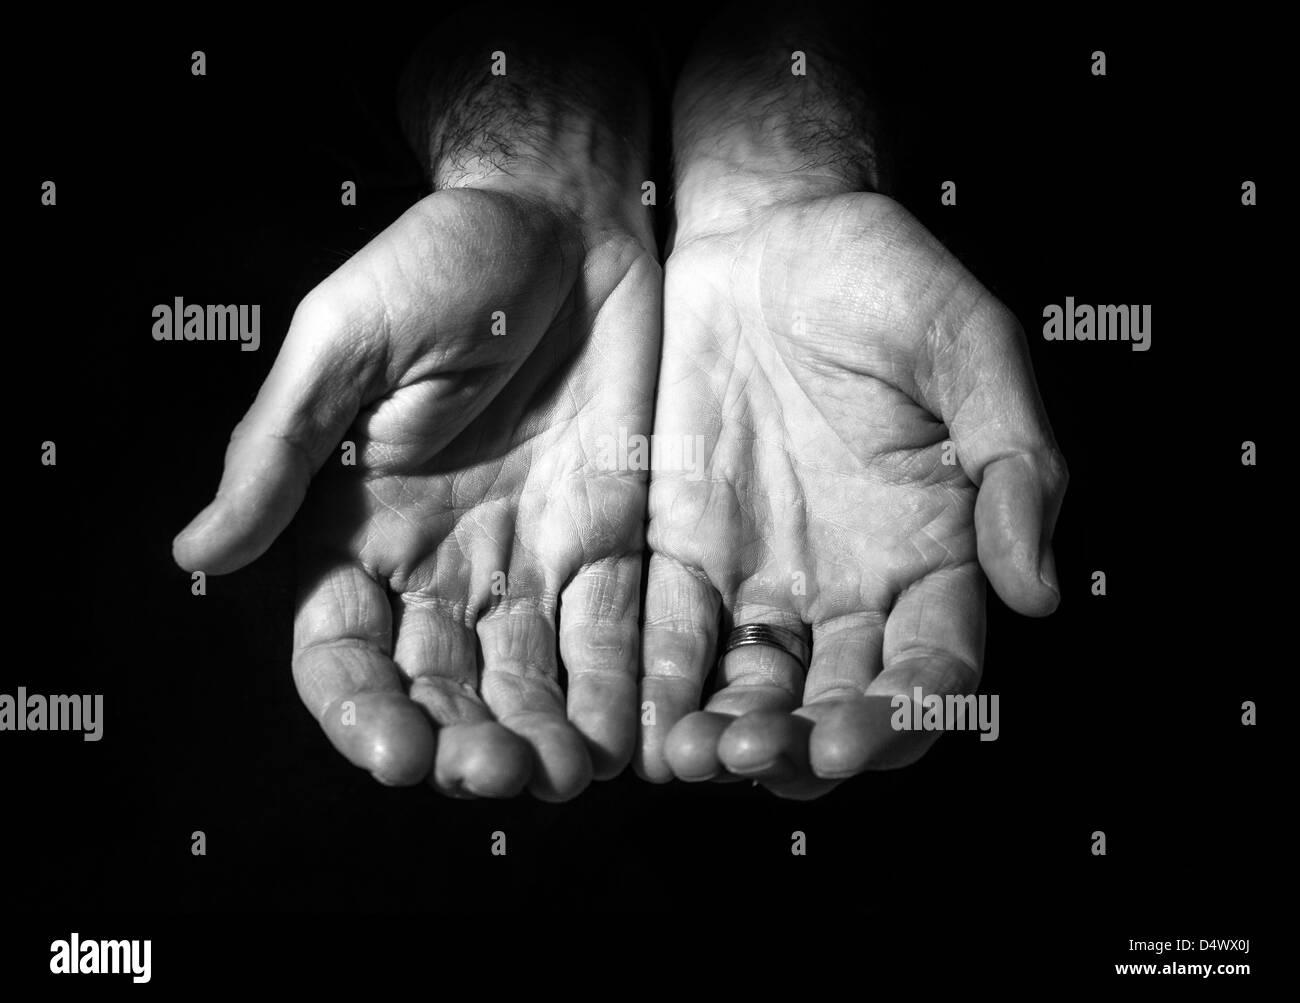 Manteniendo las manos para ayudar. Imagen De Stock